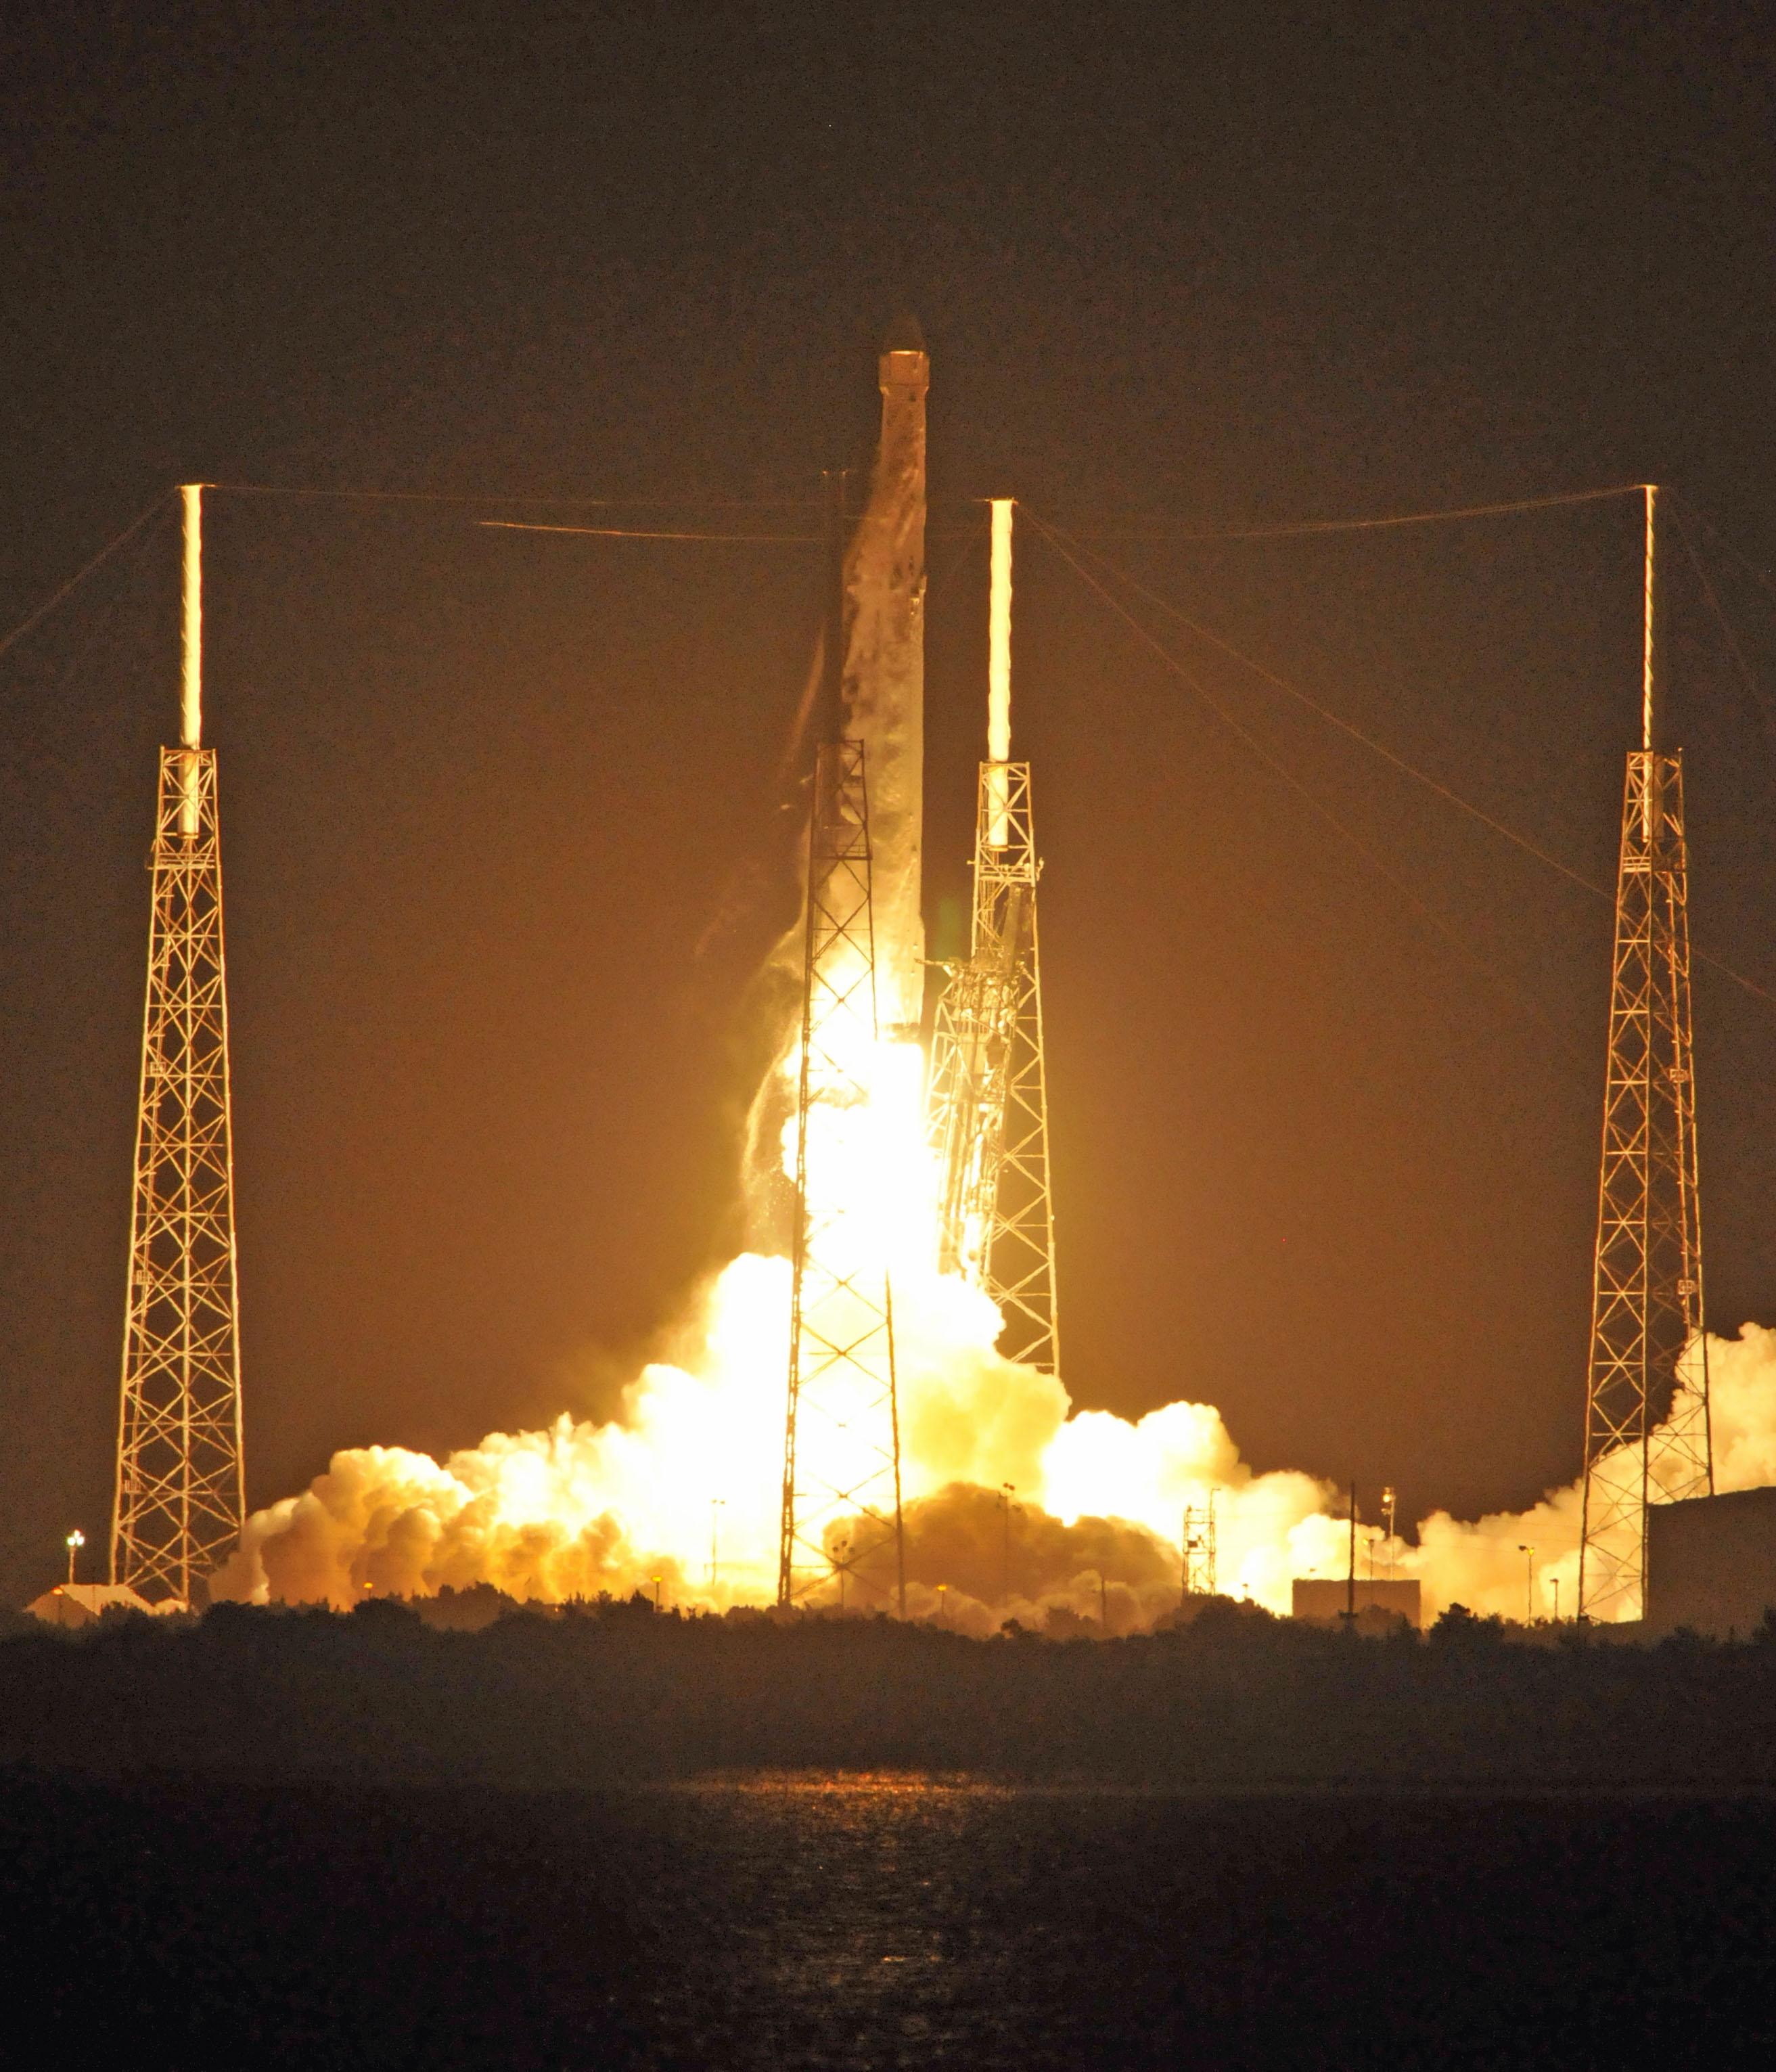 一箭發60顆衛星 SpaceX開啟太空網絡時代